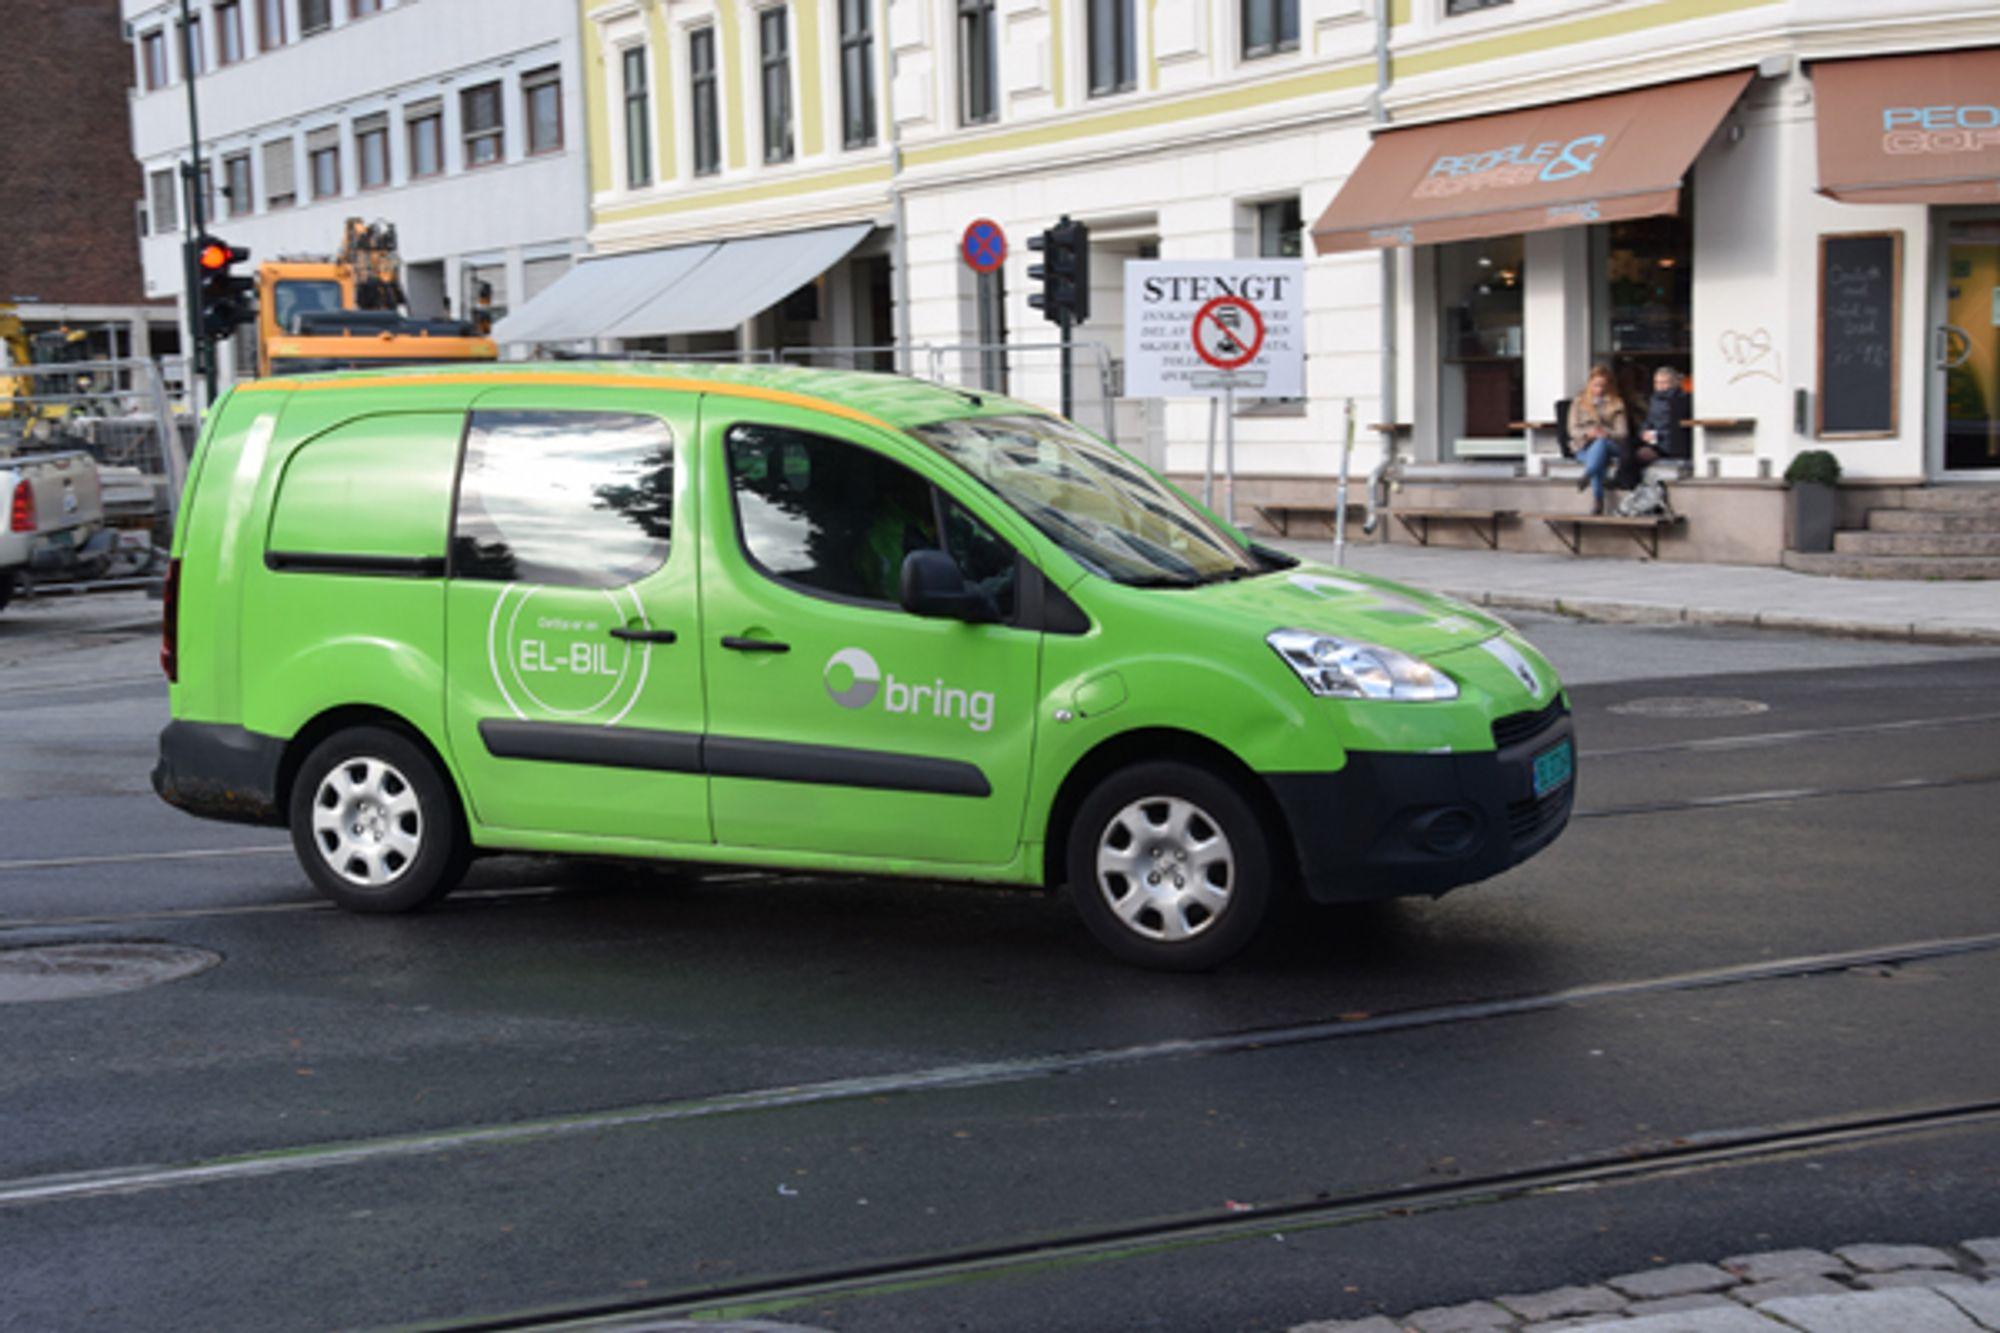 Bring er blant dem som satser på elektriske varebiler. Målet er å bruke fornybar energi i alle kjøretøy innen 2025.